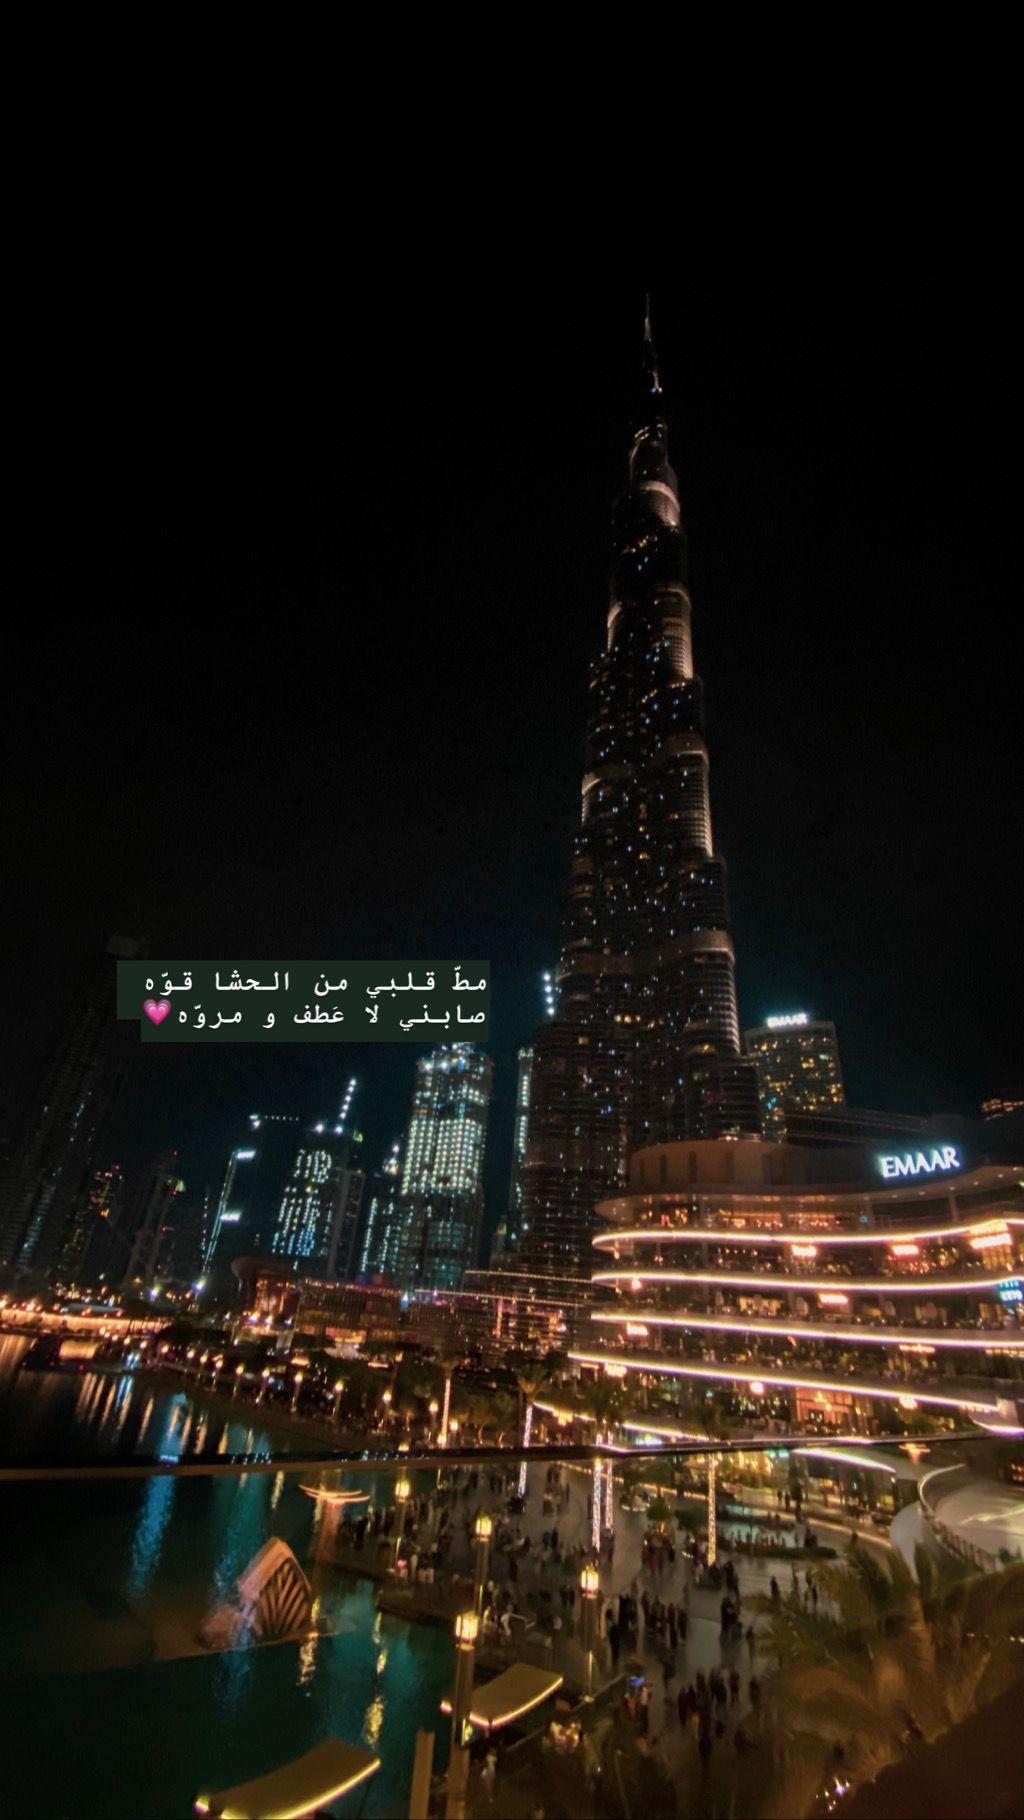 دبي Fashion Art شتاء مطر ليل ميحد حمد طرب Night Dubai Winter Rain Iphone11pro Iphone Fashion Travel Ideas S Photo Dubai Empire State Building